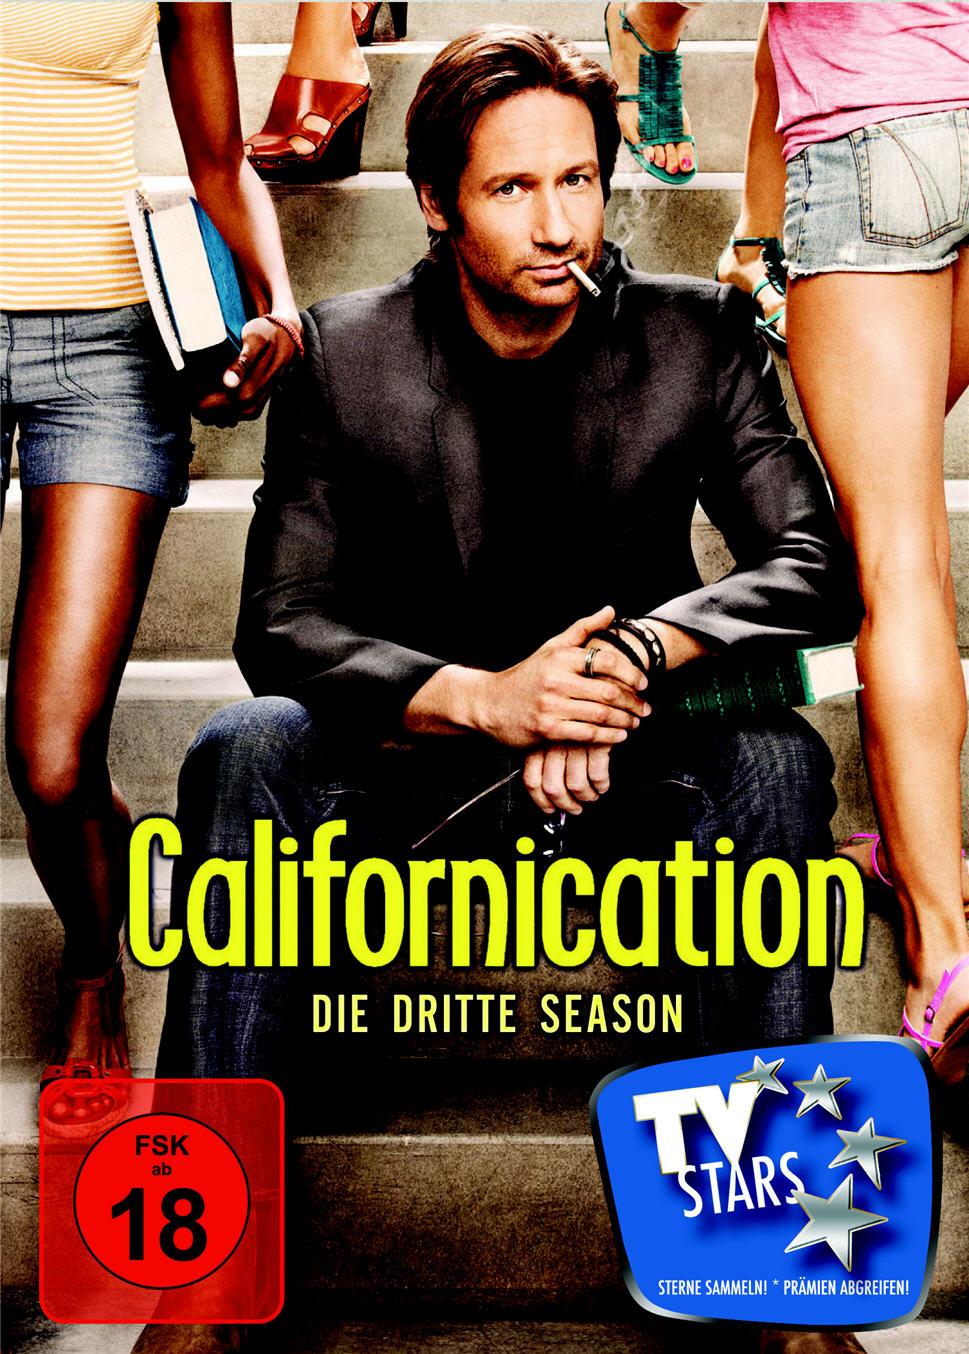 Serien Wie Californication